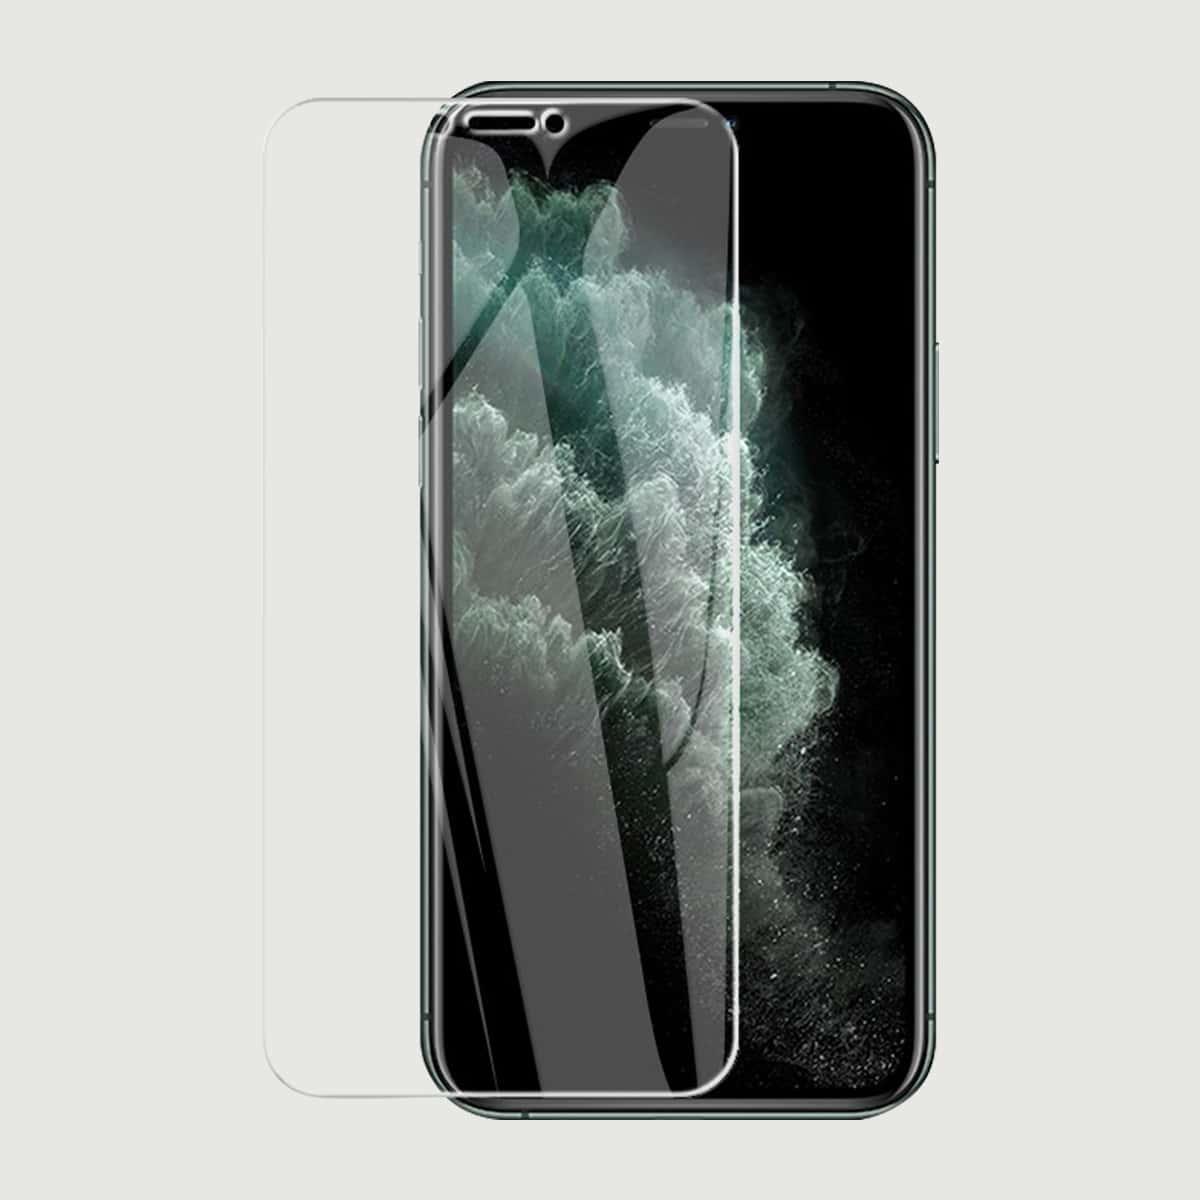 1шт Защитная пленка для экрана iPhone из закаленного стекла фото